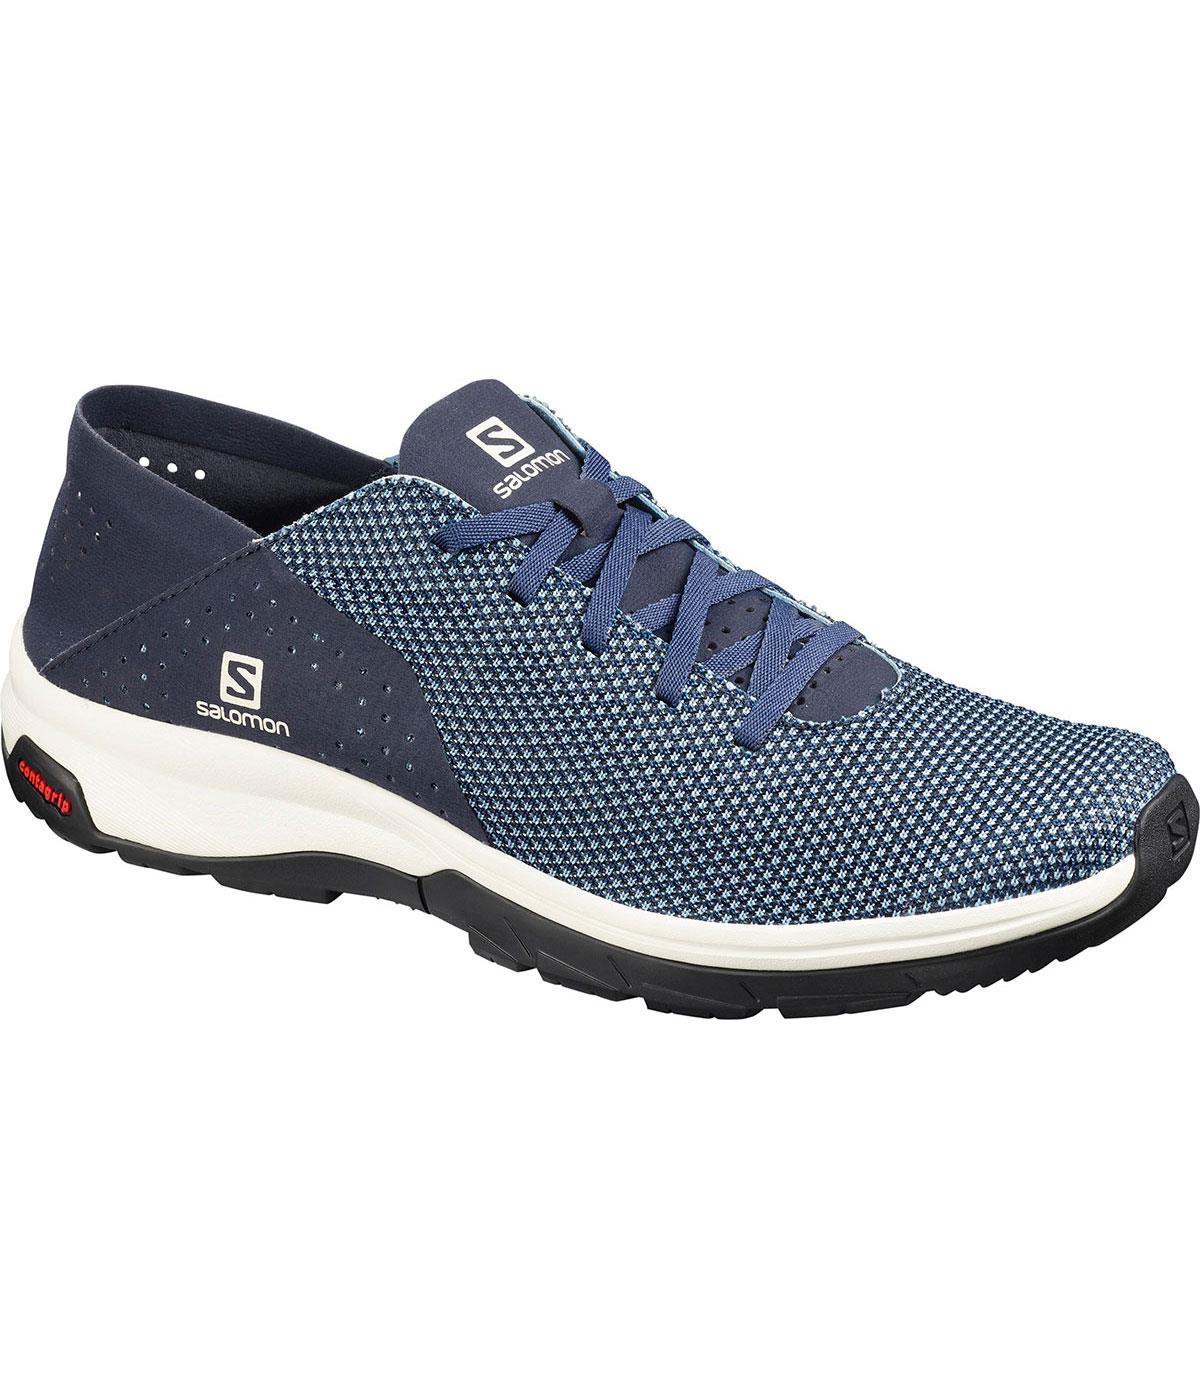 SalomonTECH LITE Erkek Mavi Ayakkabısı L40981900